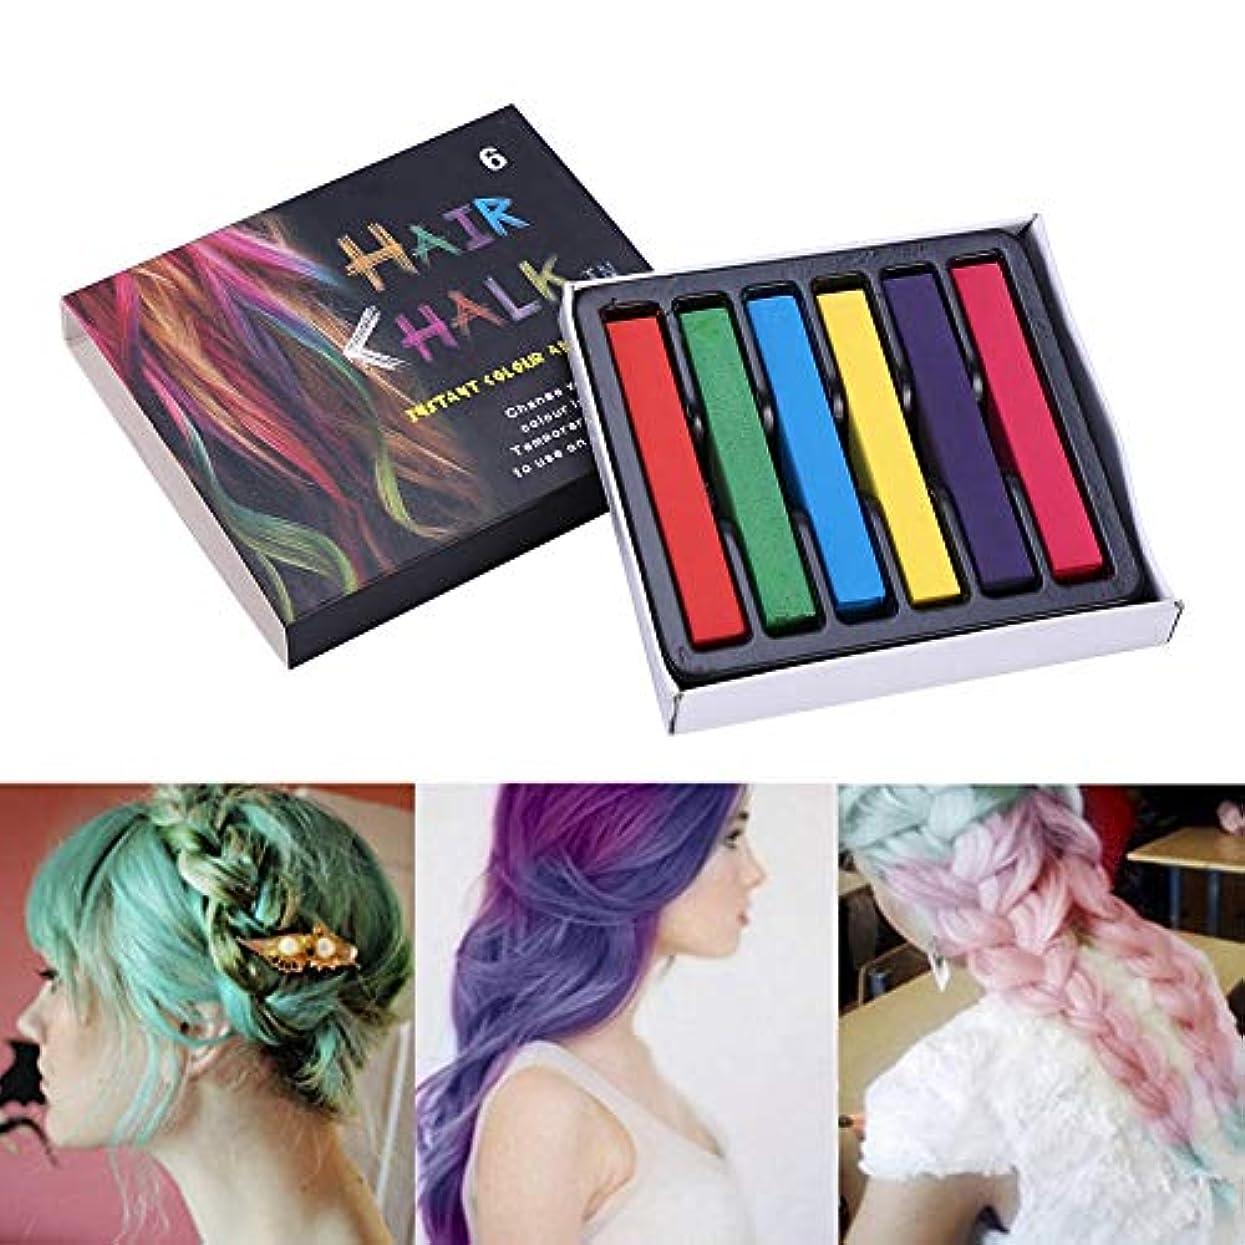 のりコジオスコカートリッジ36色 ウェットヘア ドライヘア 両方 一時的 髪の色の染料の毛のチョークのための無毒な毛の染料(6色)